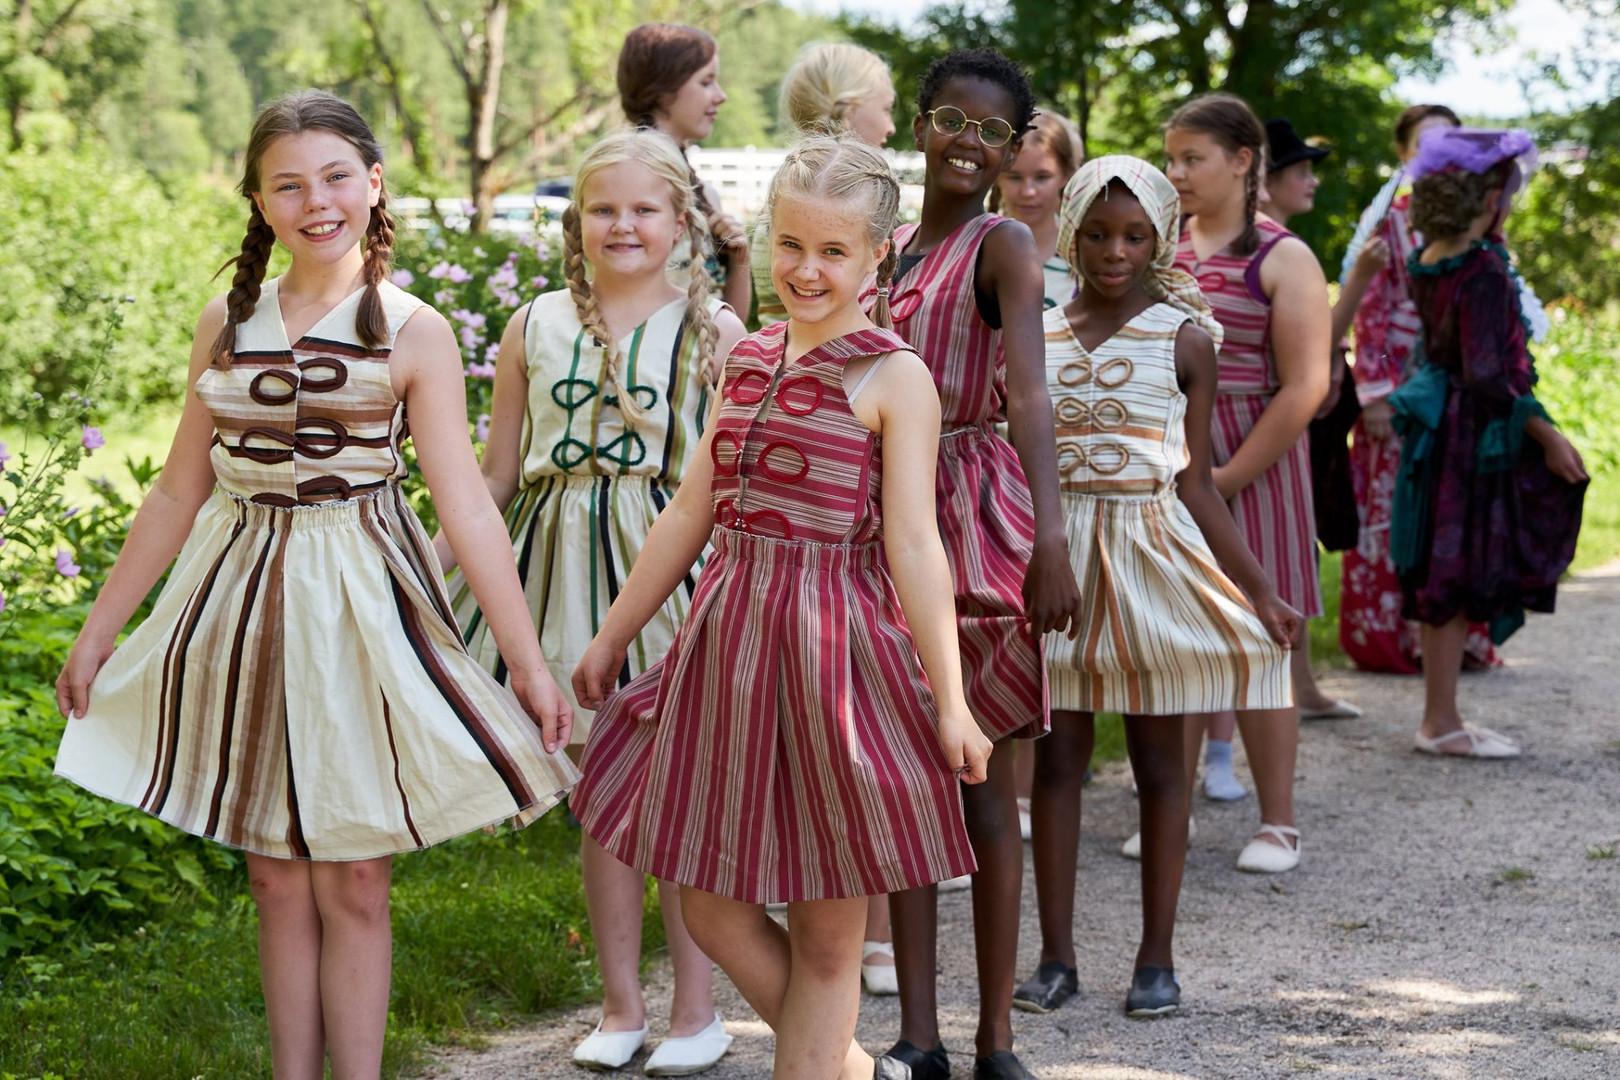 Qvidjan Linnan juhlat, Musiikkiopisto arkipelagin nuoret tanssijat